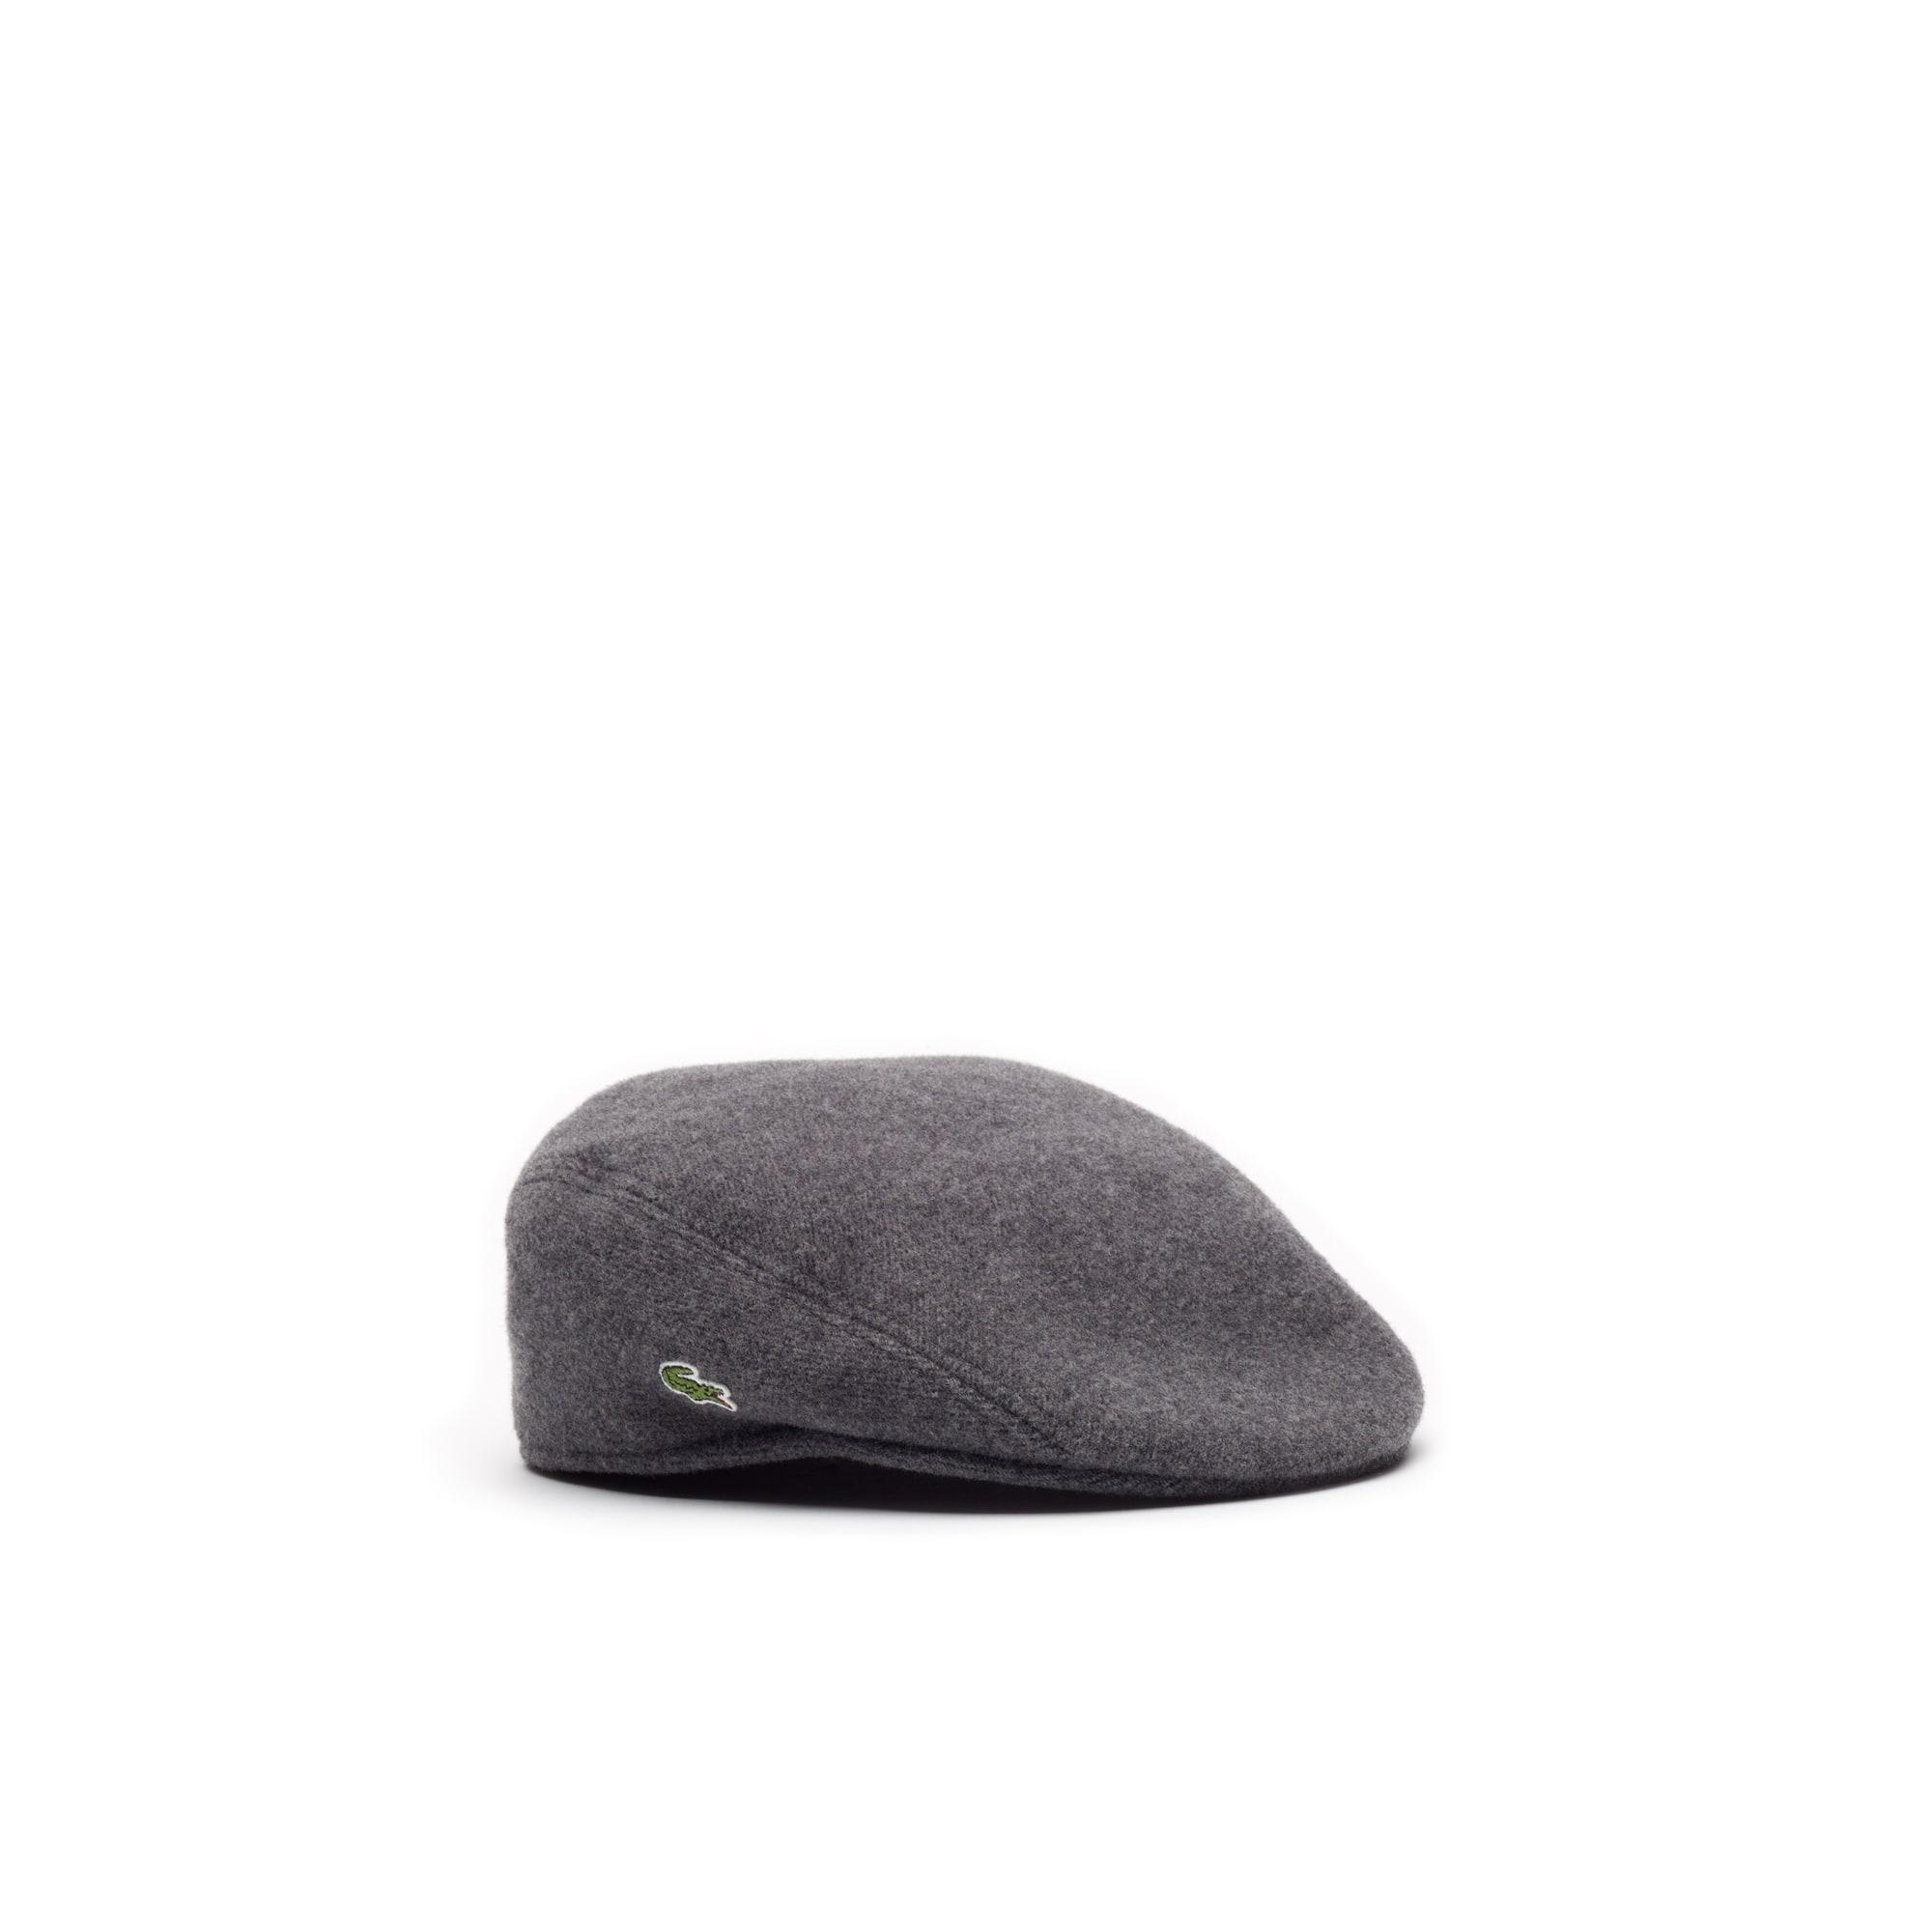 Gorra de hombre plana de paño de lana